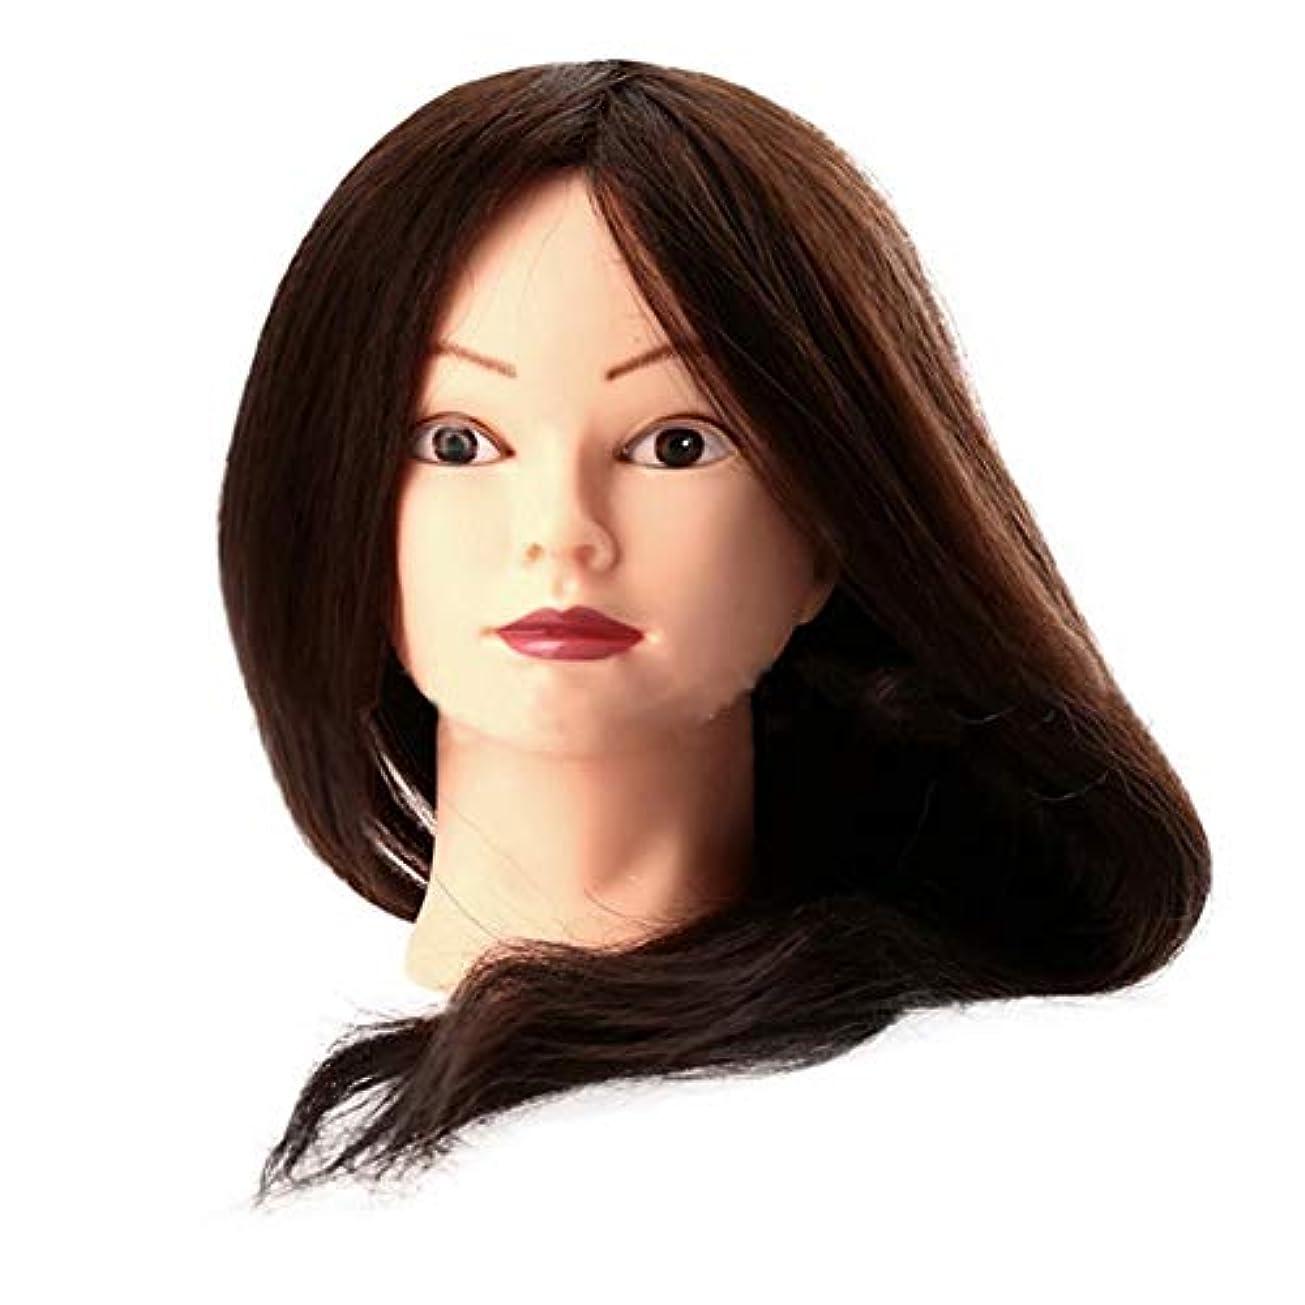 デザートグローロードハウスヘアマネキンヘッド練習ディスク髪編組ヘッドモデル理髪店学校教育かつらヘッドバンドブラケット